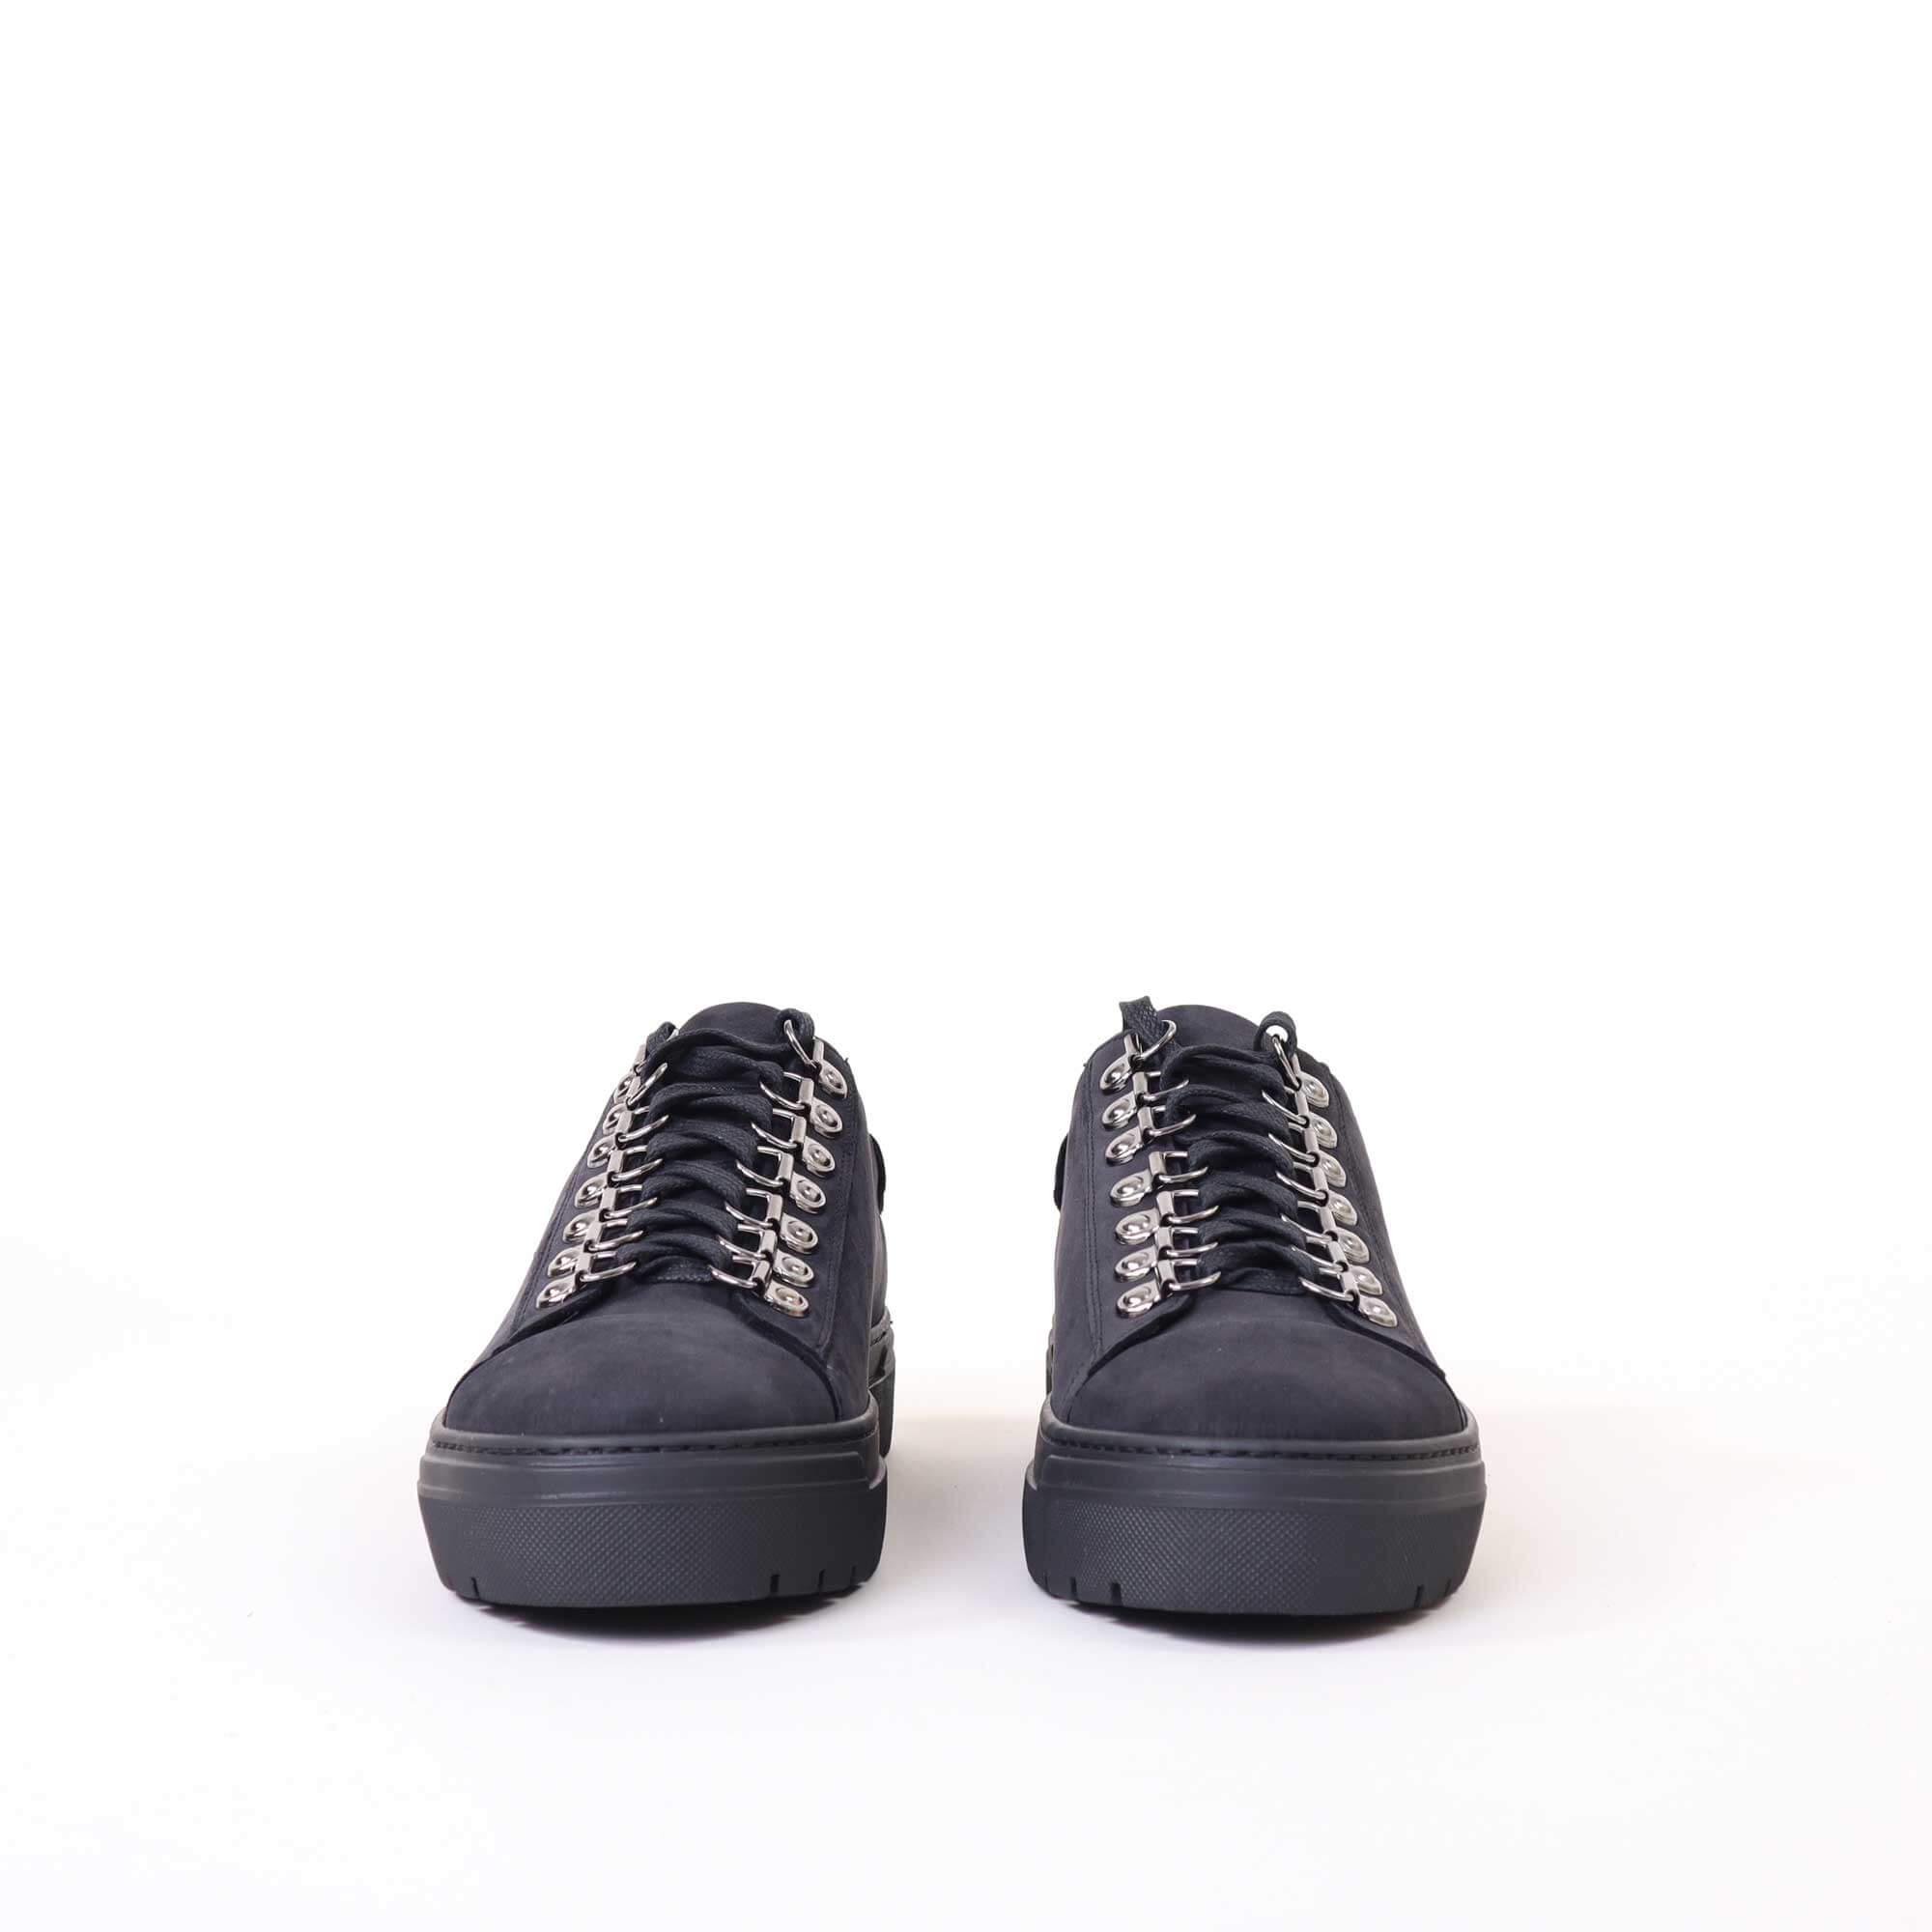 sneakers-l-zwart-1